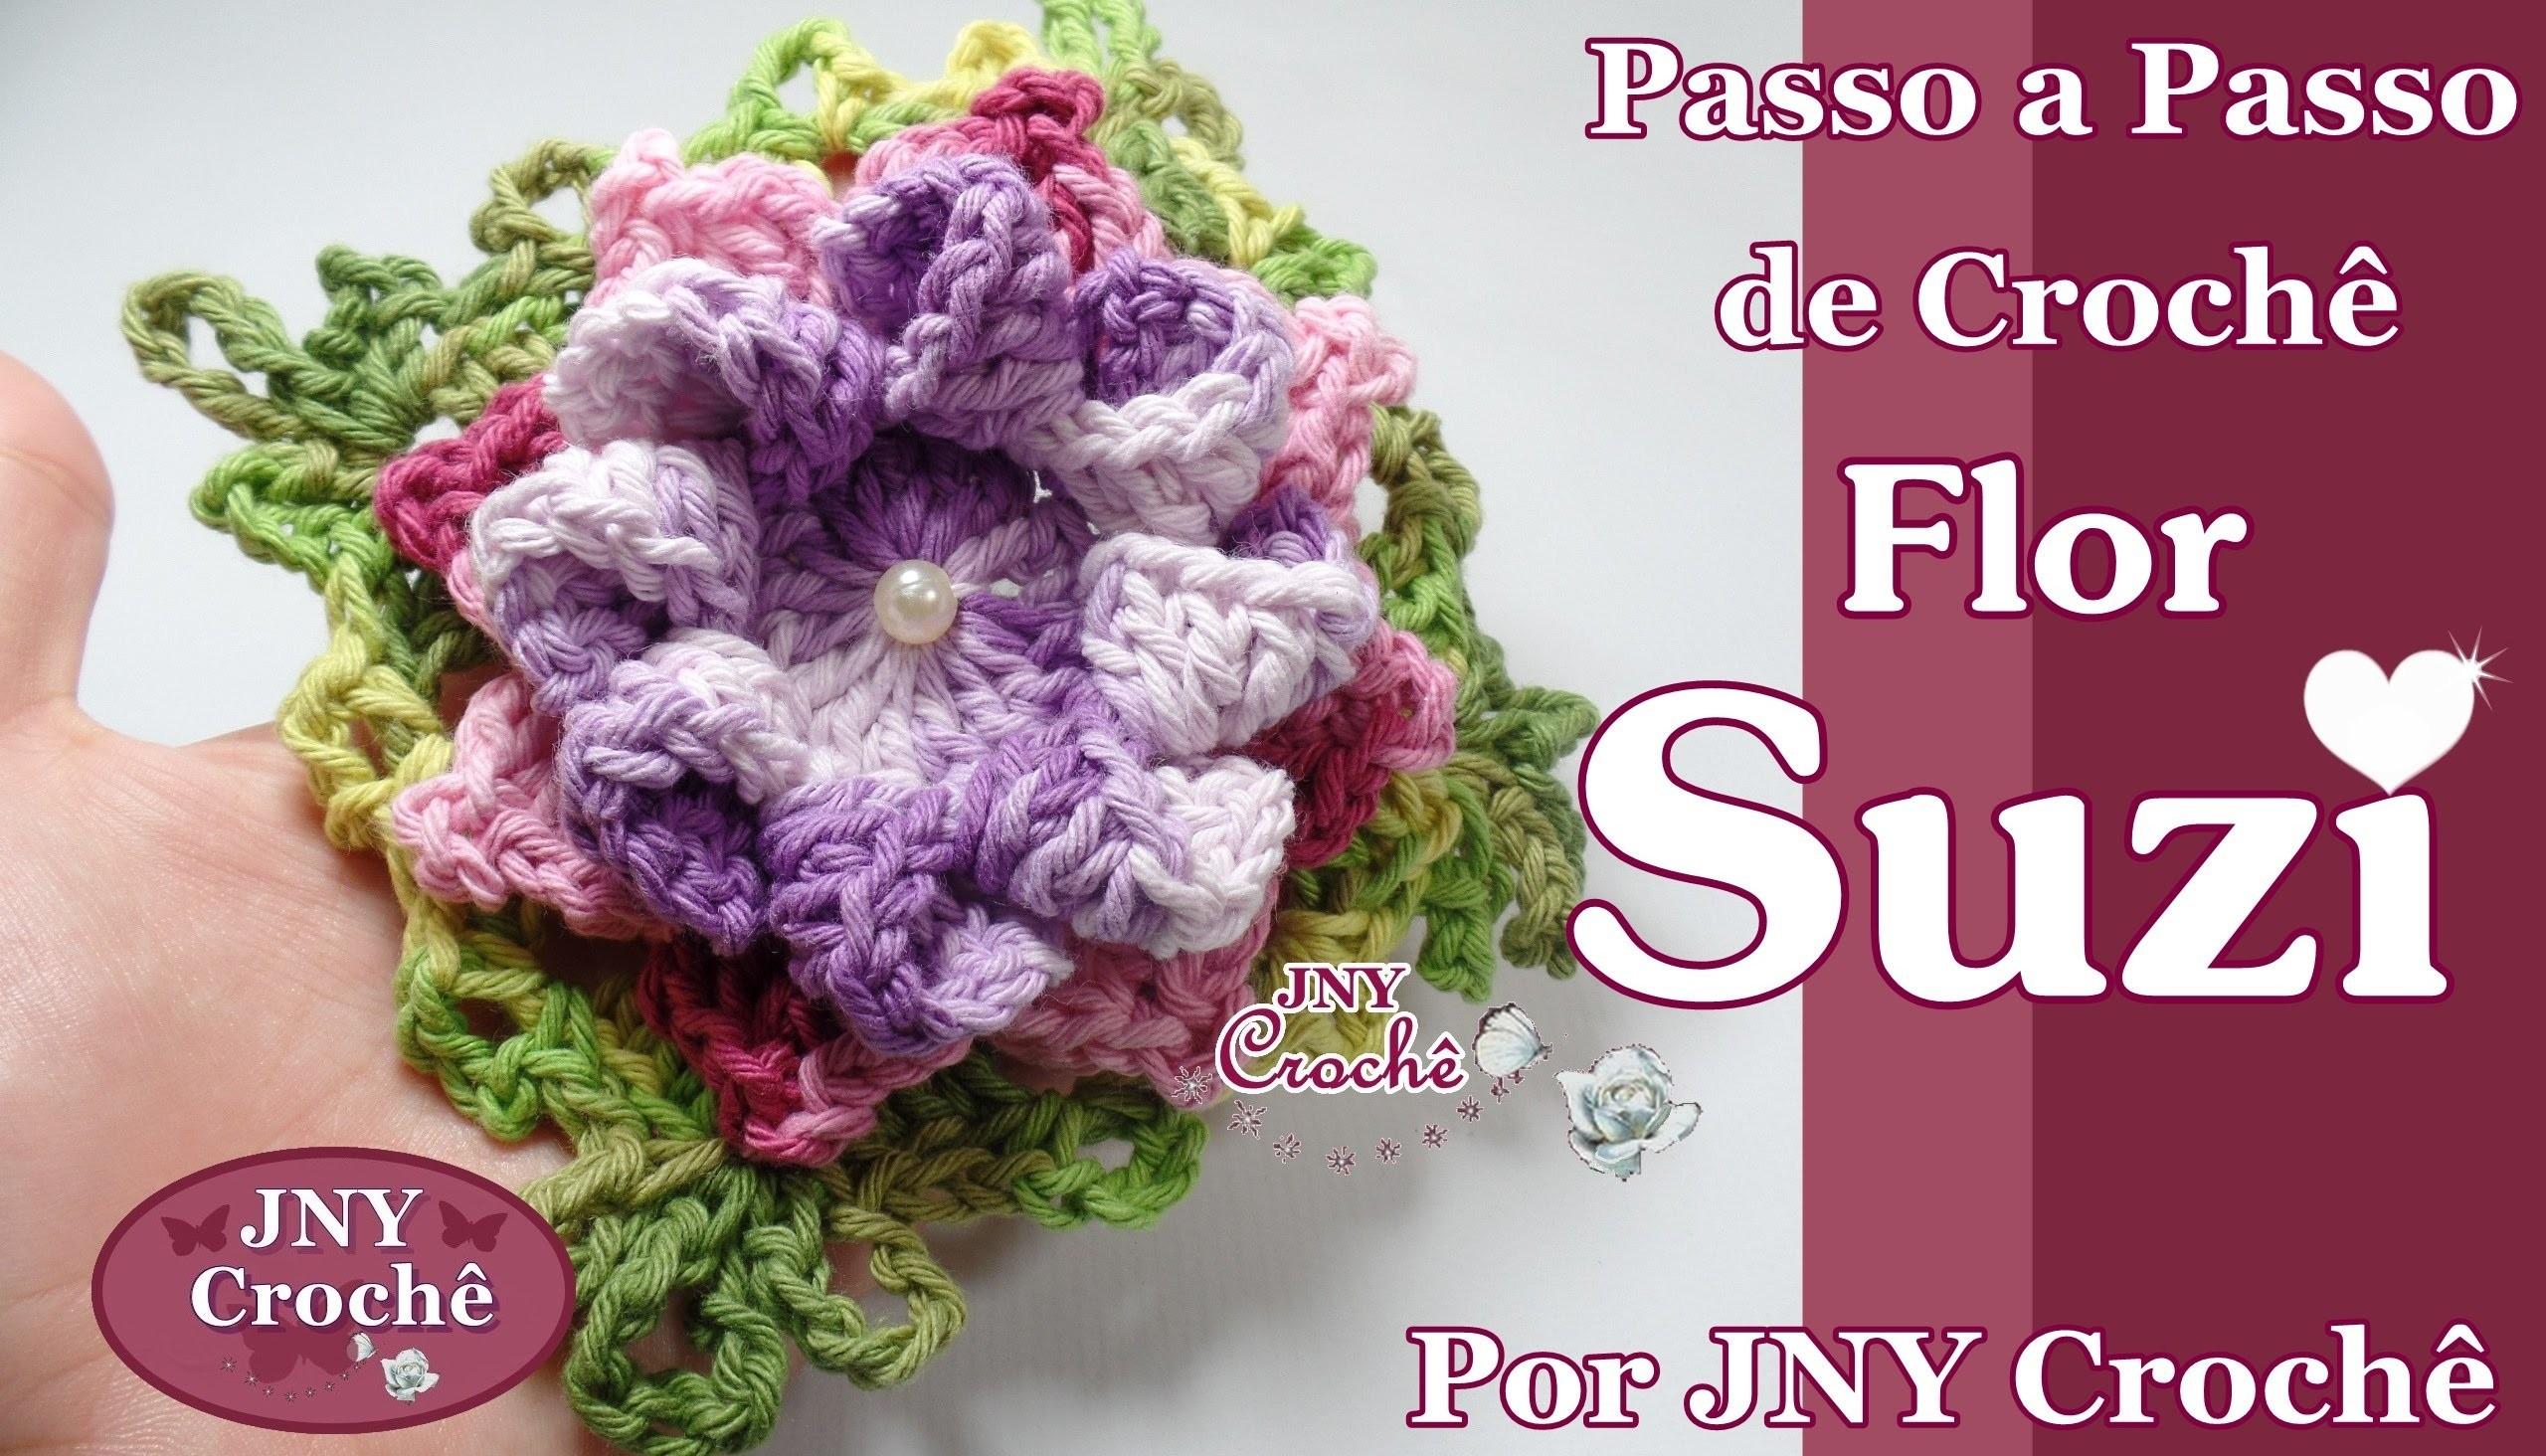 Passo a Passo Flor Suzi por JNY Crochê